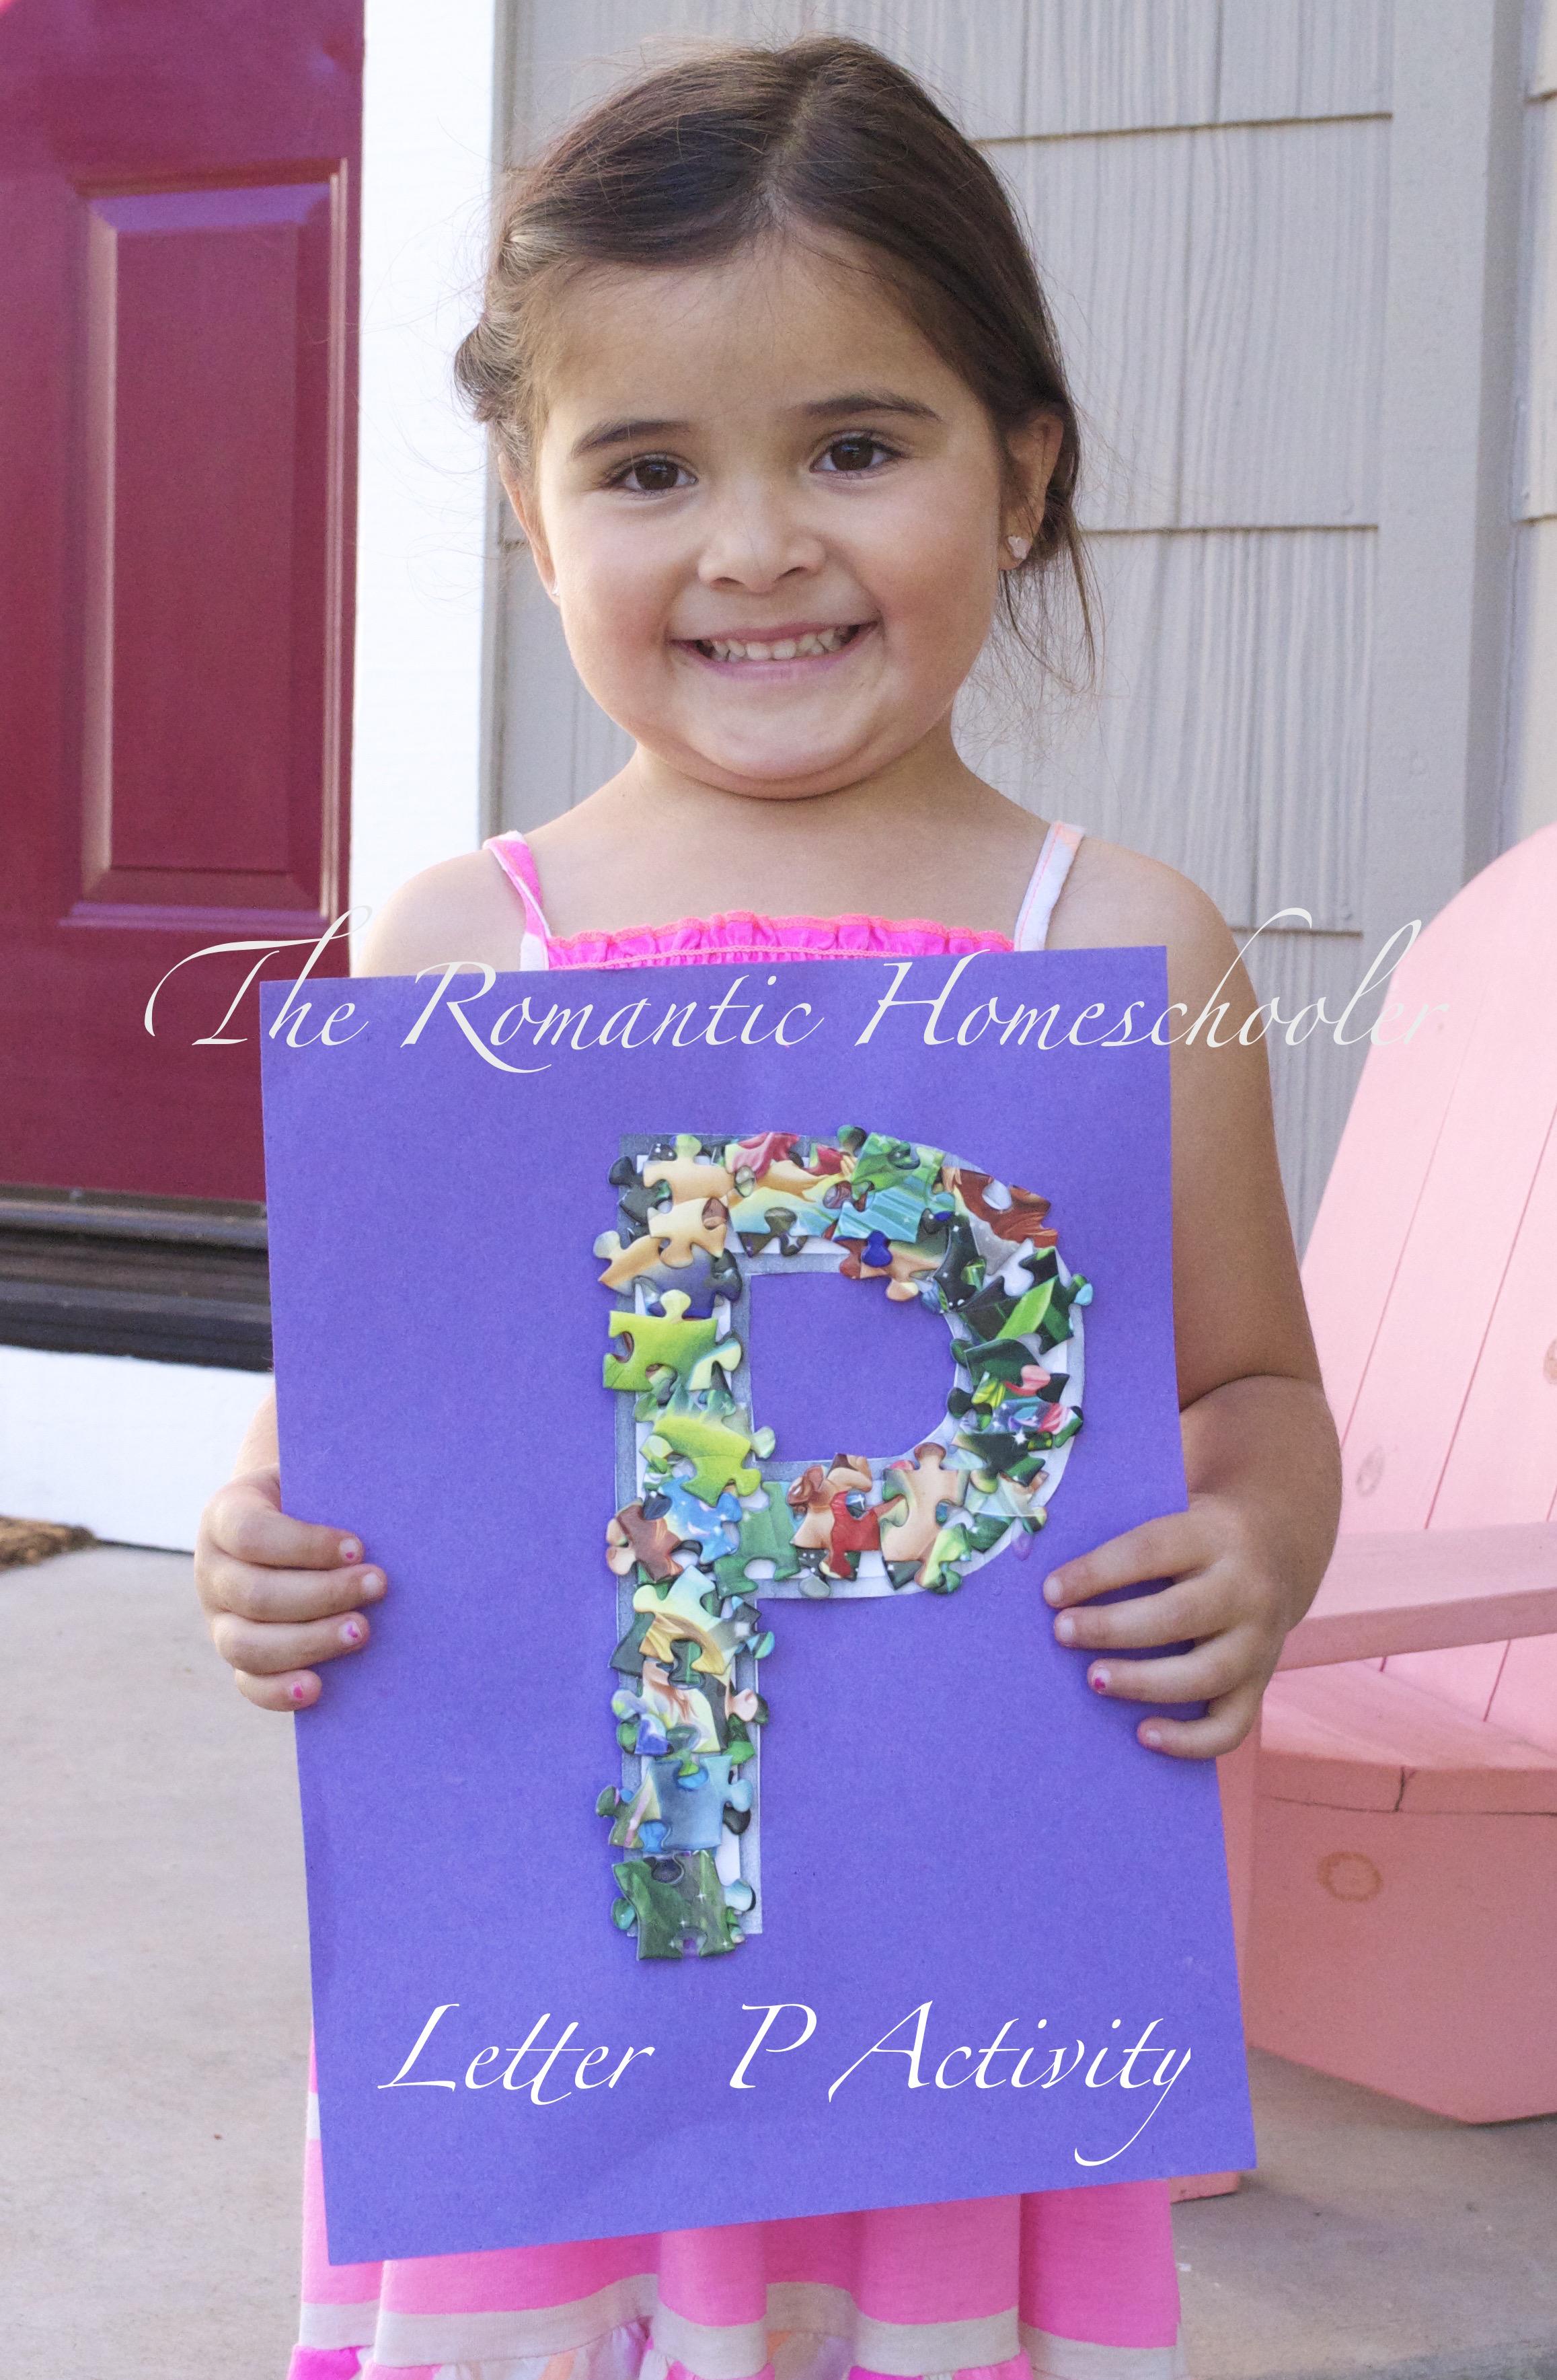 Letter P Activity For Preschoolers The Romantic Homeschooler